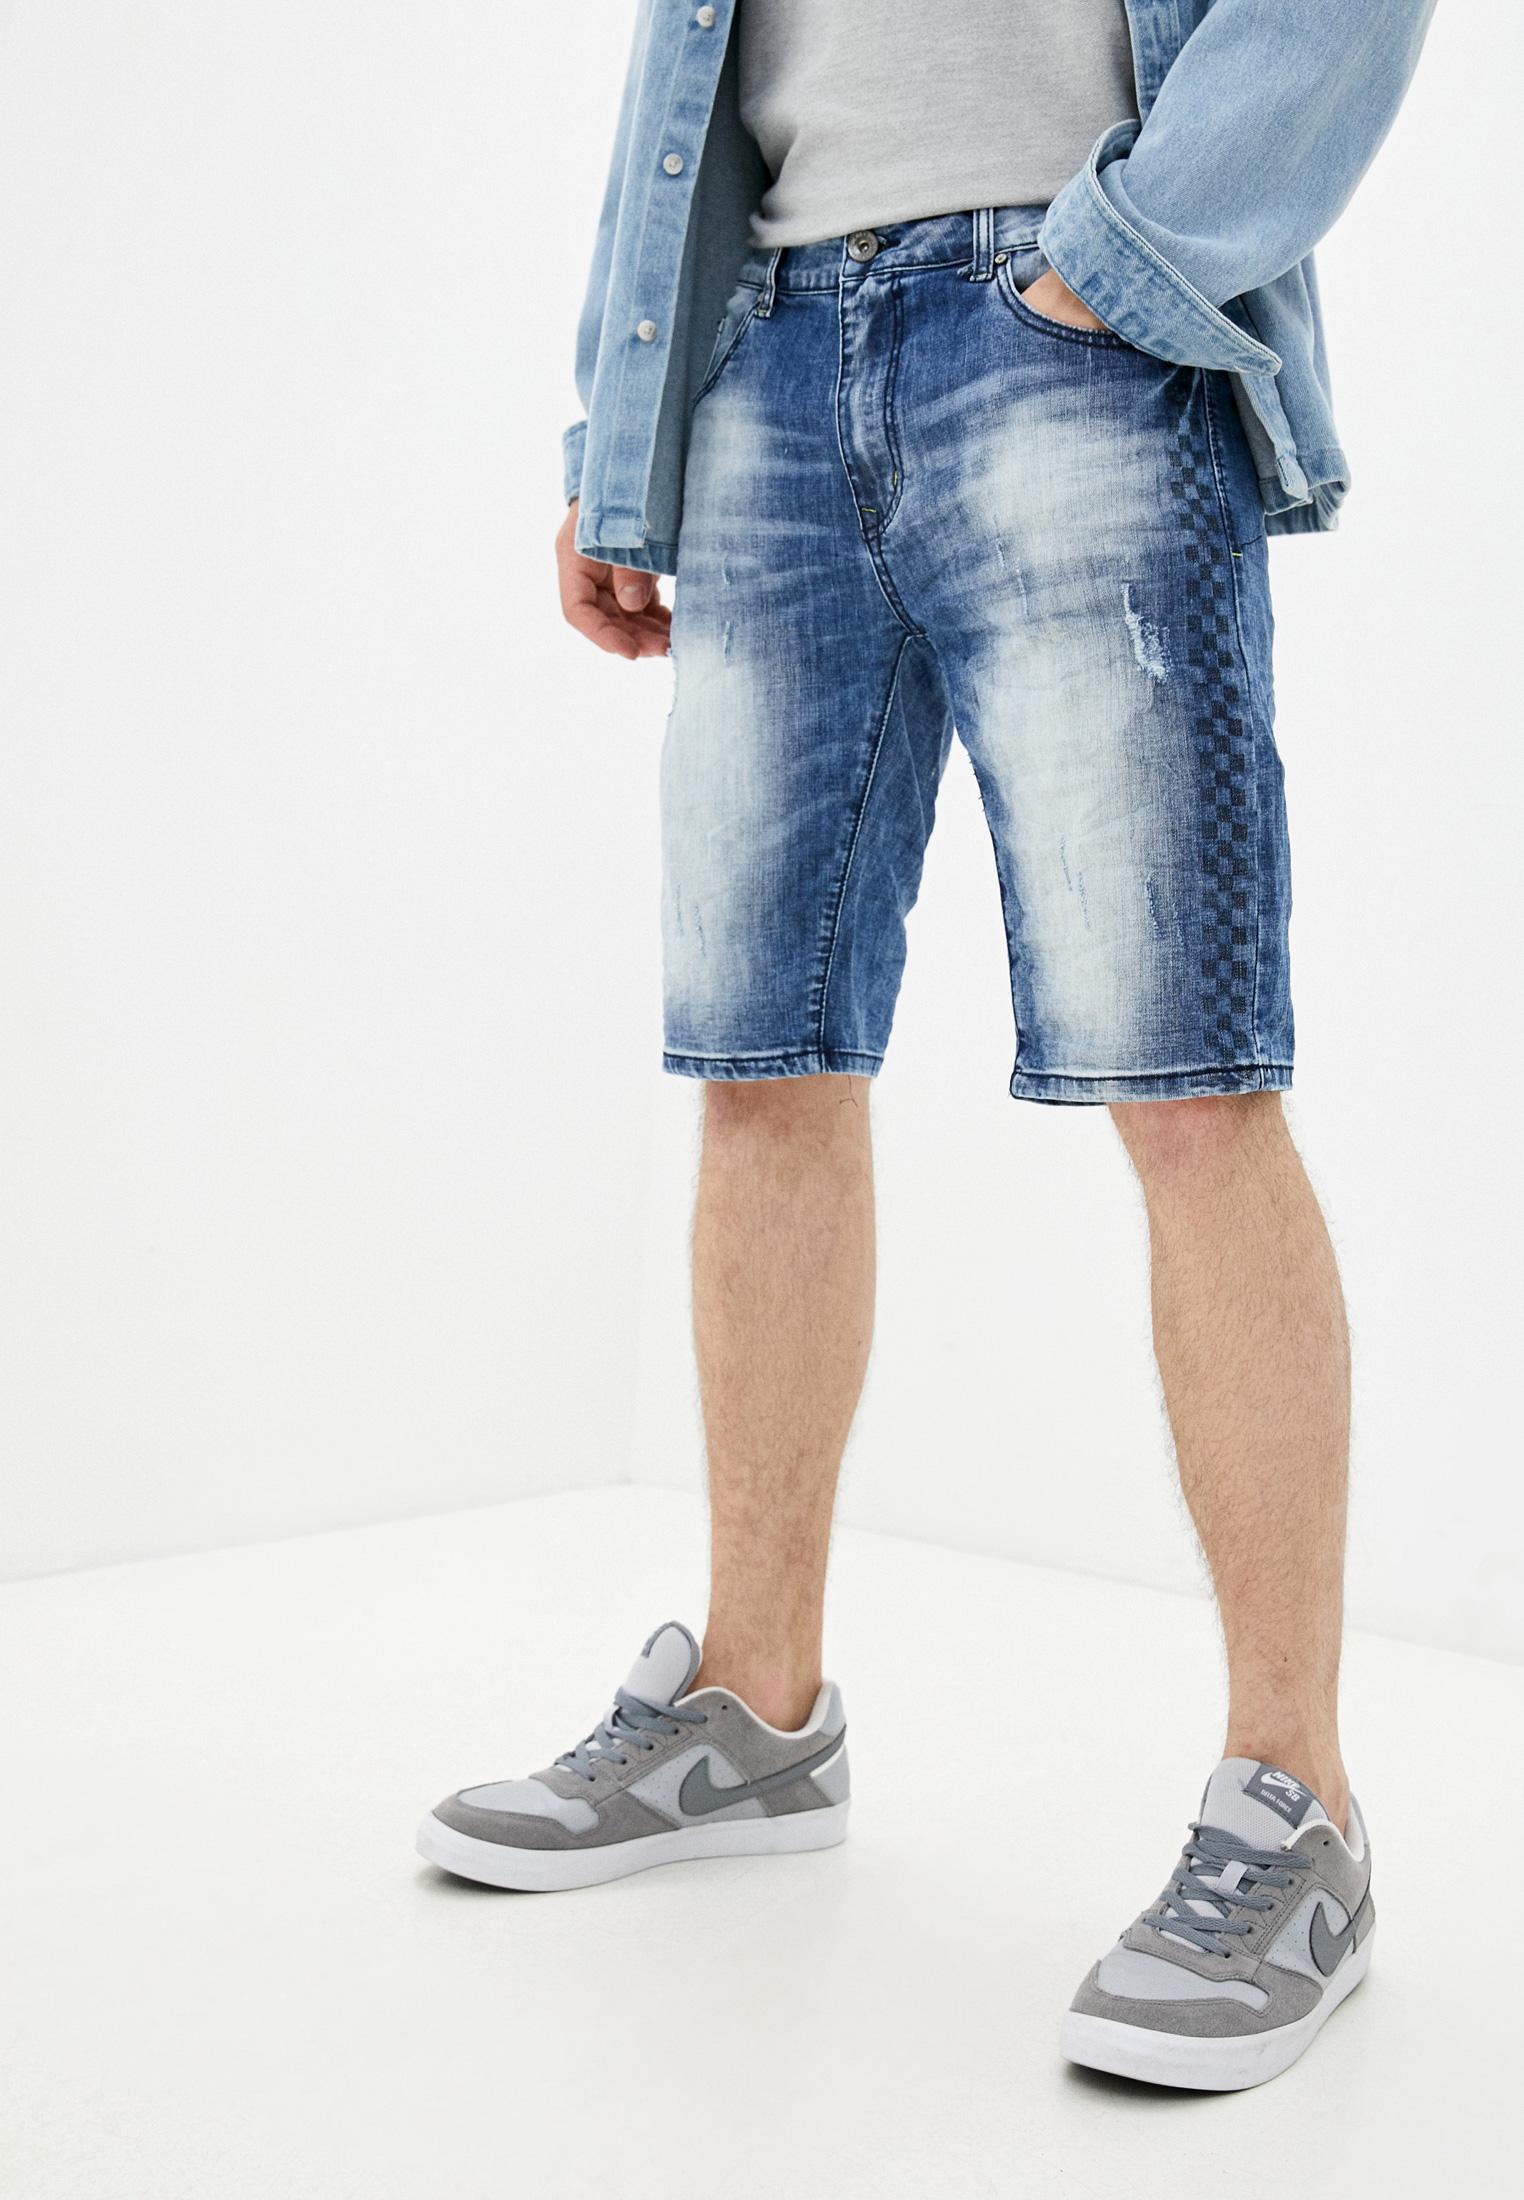 Мужские джинсовые шорты Terance Kole Шорты джинсовые Terance Kole